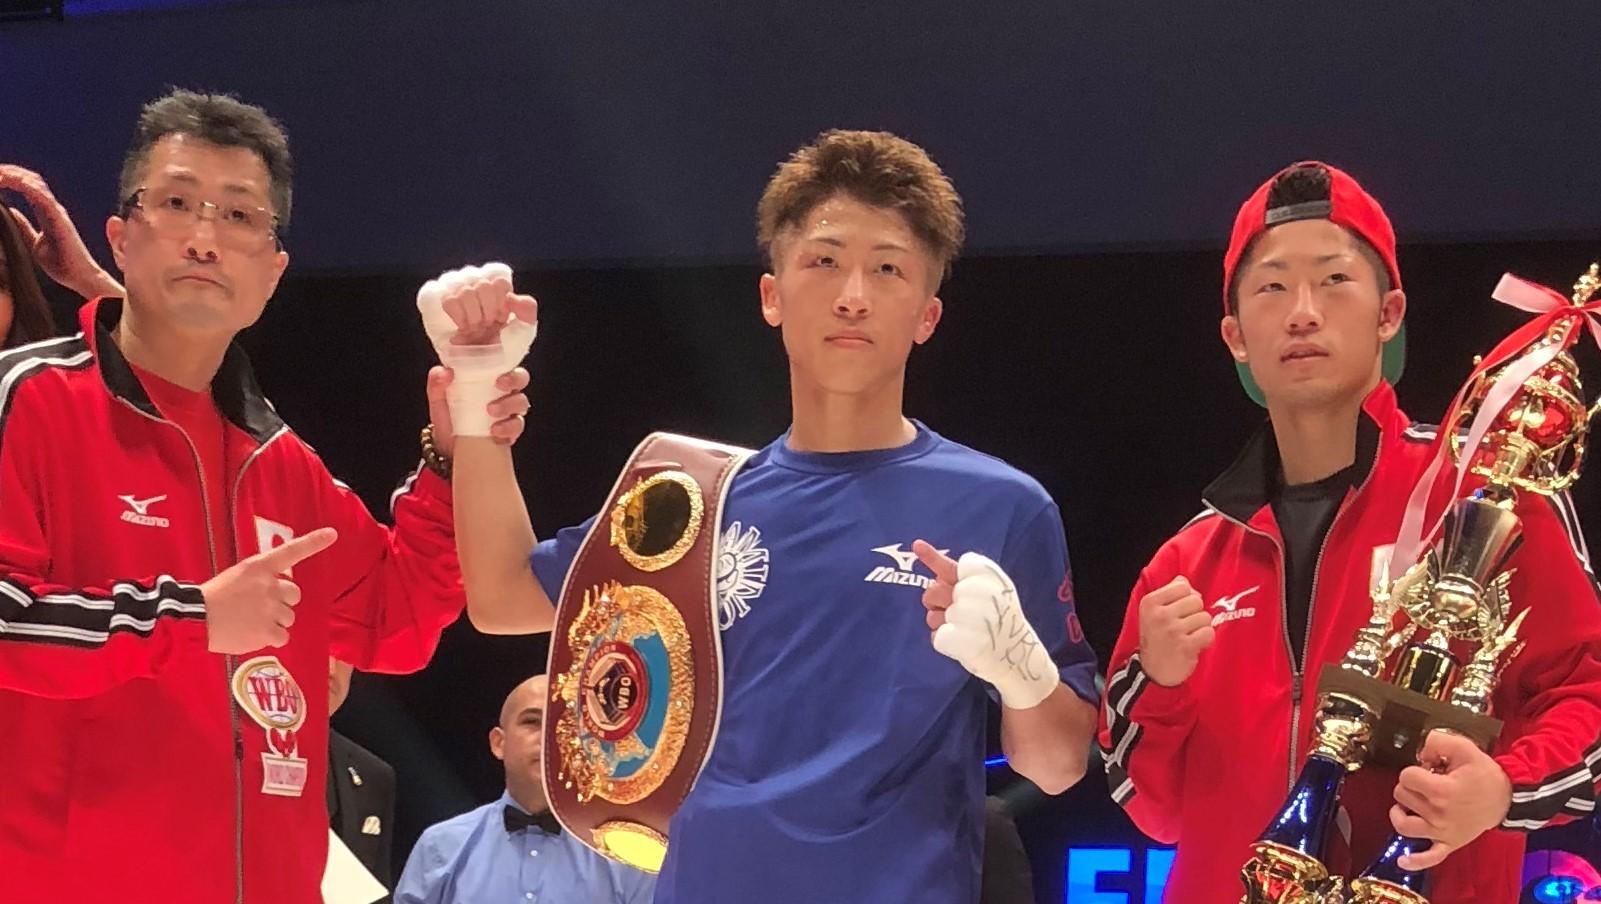 孤高のボクシング世界王者『井上尚弥』が新たに進む道